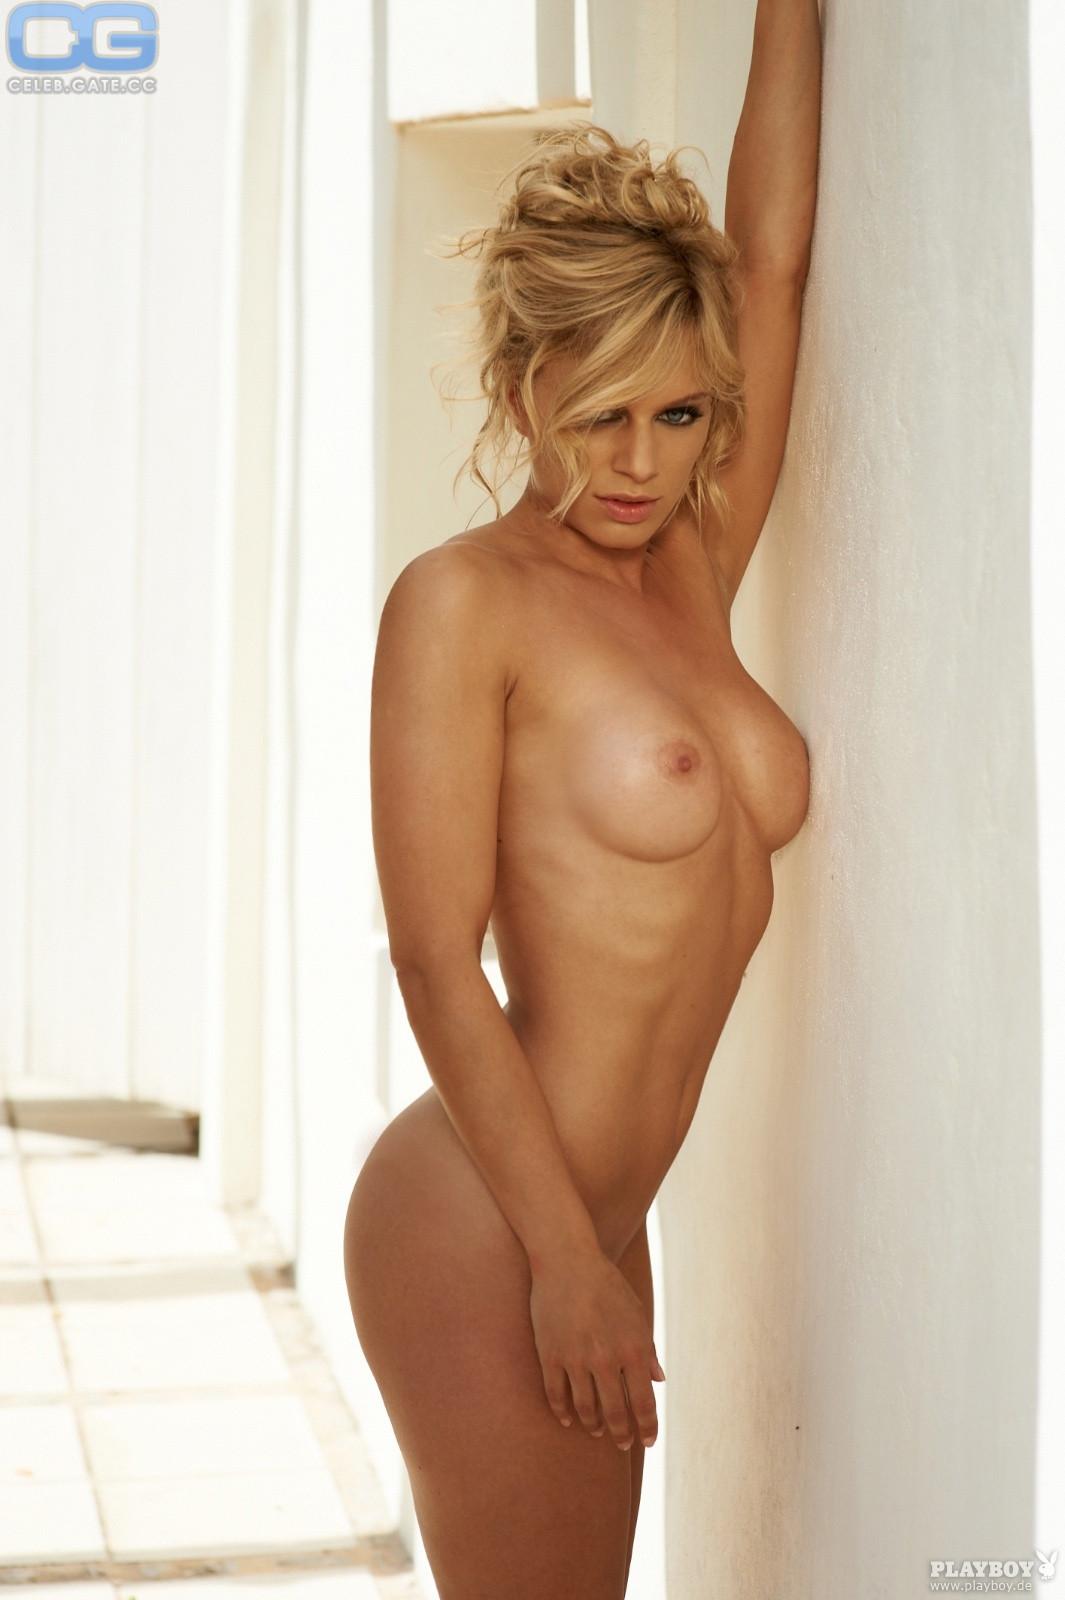 Juliette greco nude